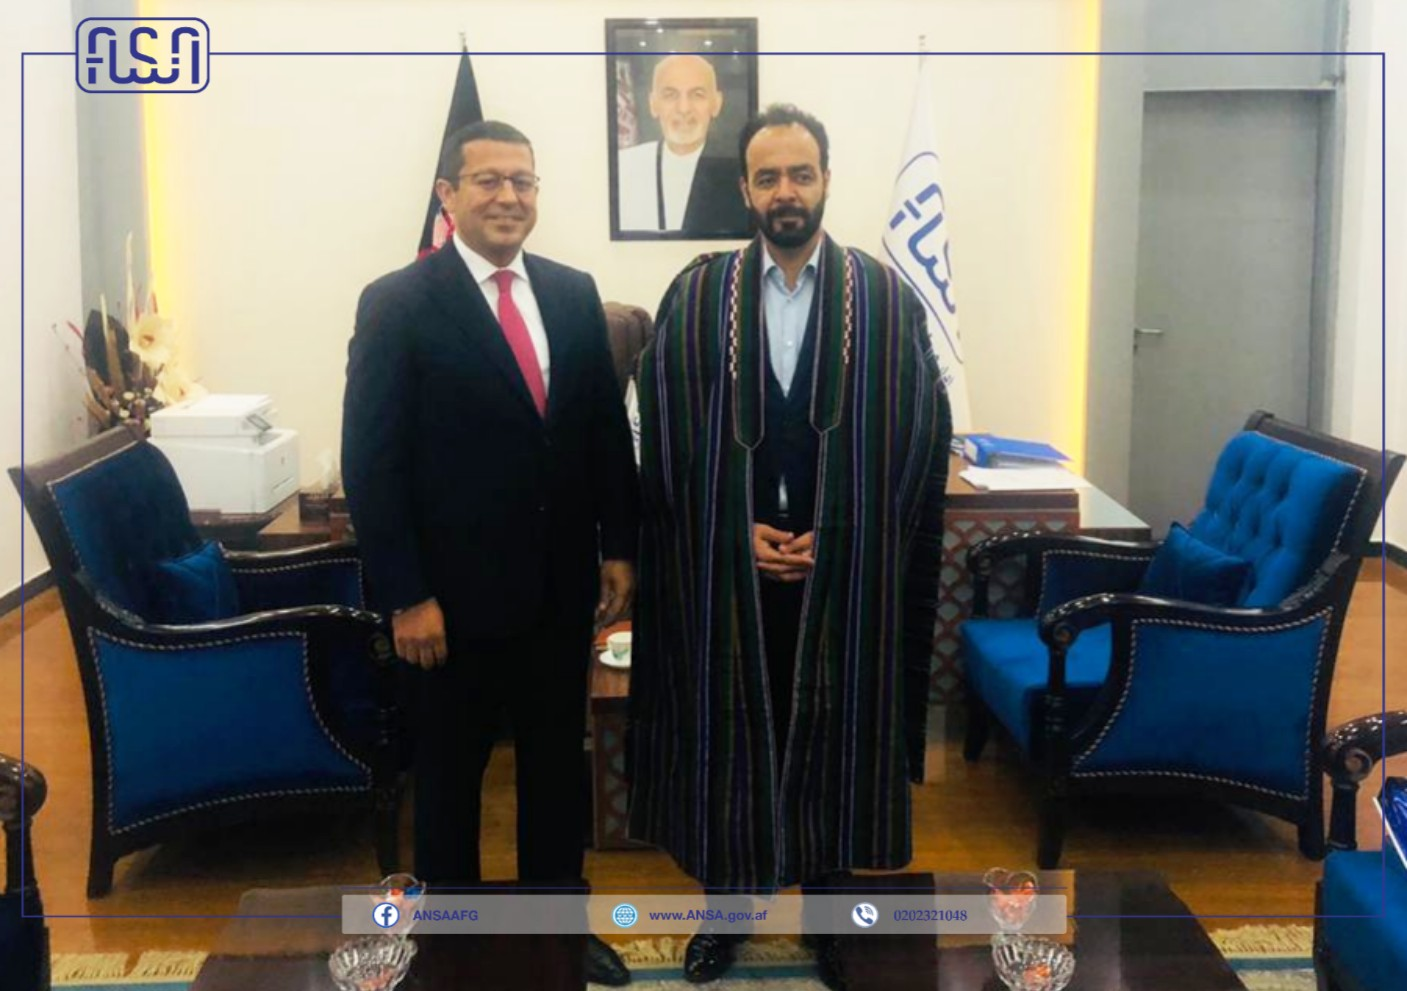 دیدار رئیس عمومی فدراسیون اتاق های افغانستان با رئیس عمومی اداره ملی ستندرد.